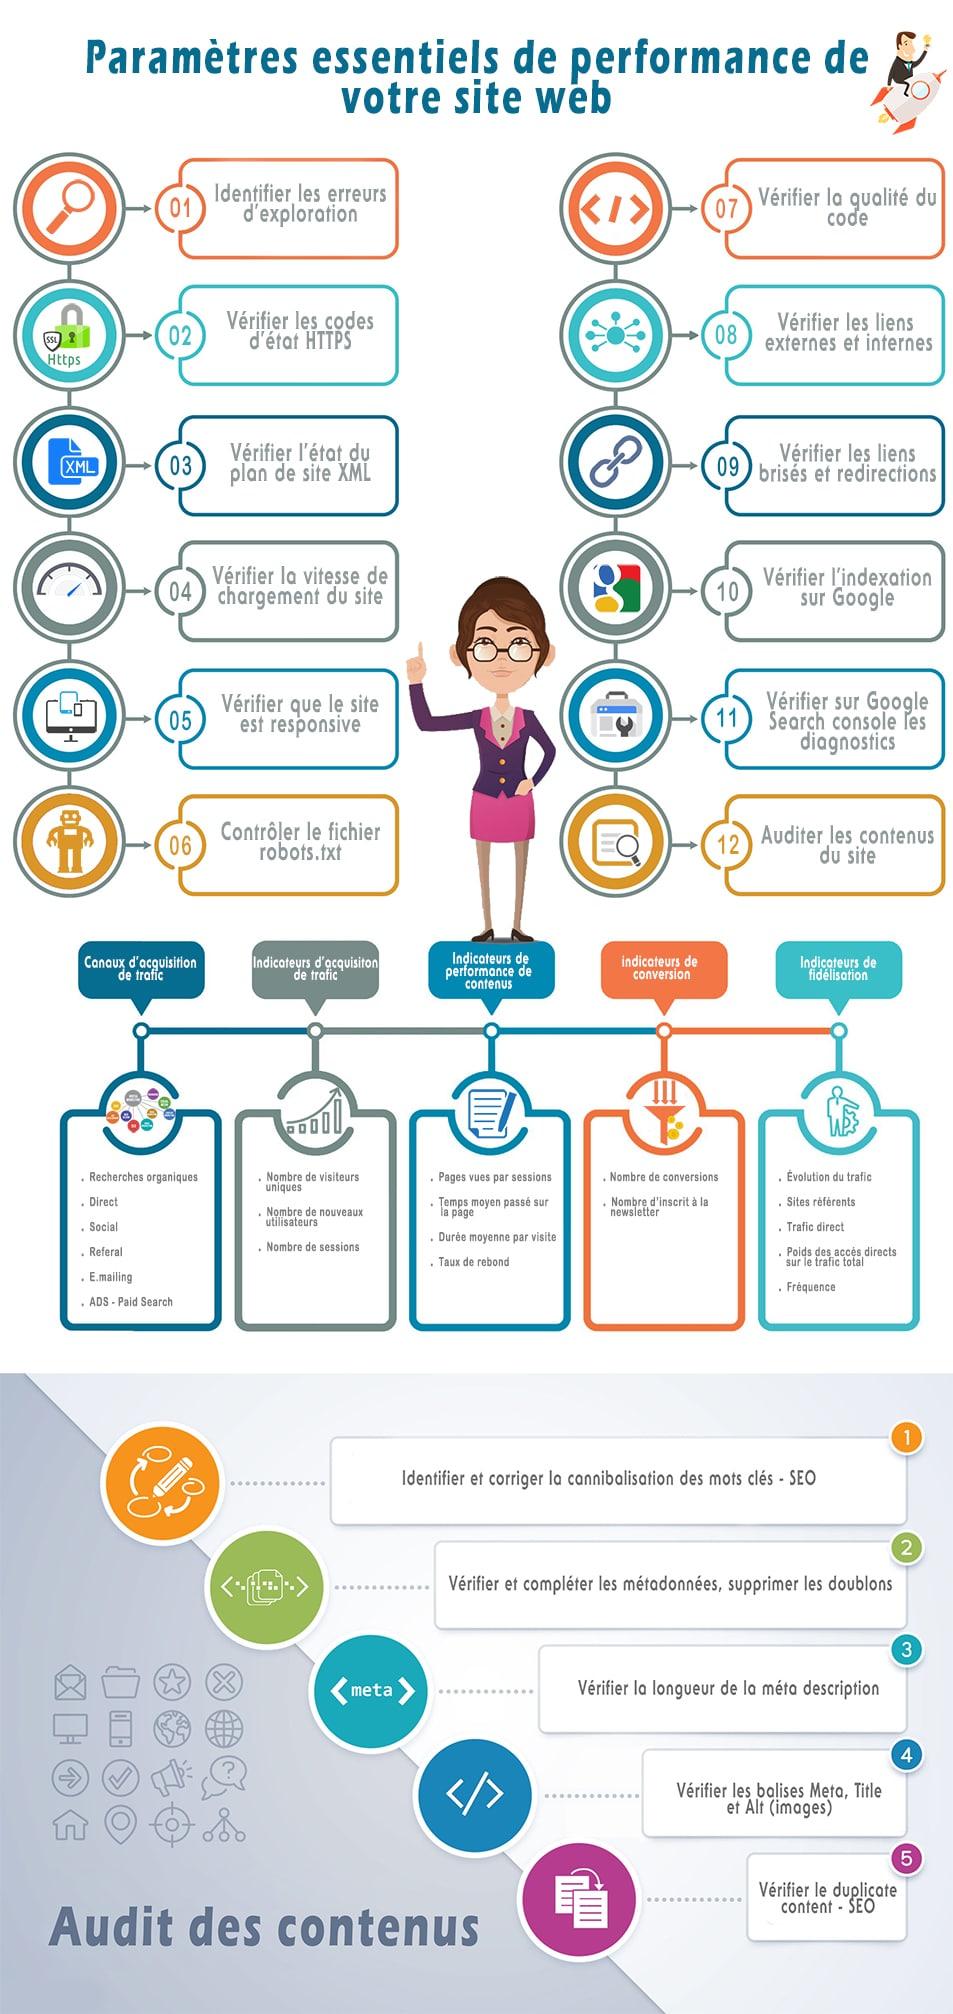 Infographie : Paramètres essentiels de performance de votre site web